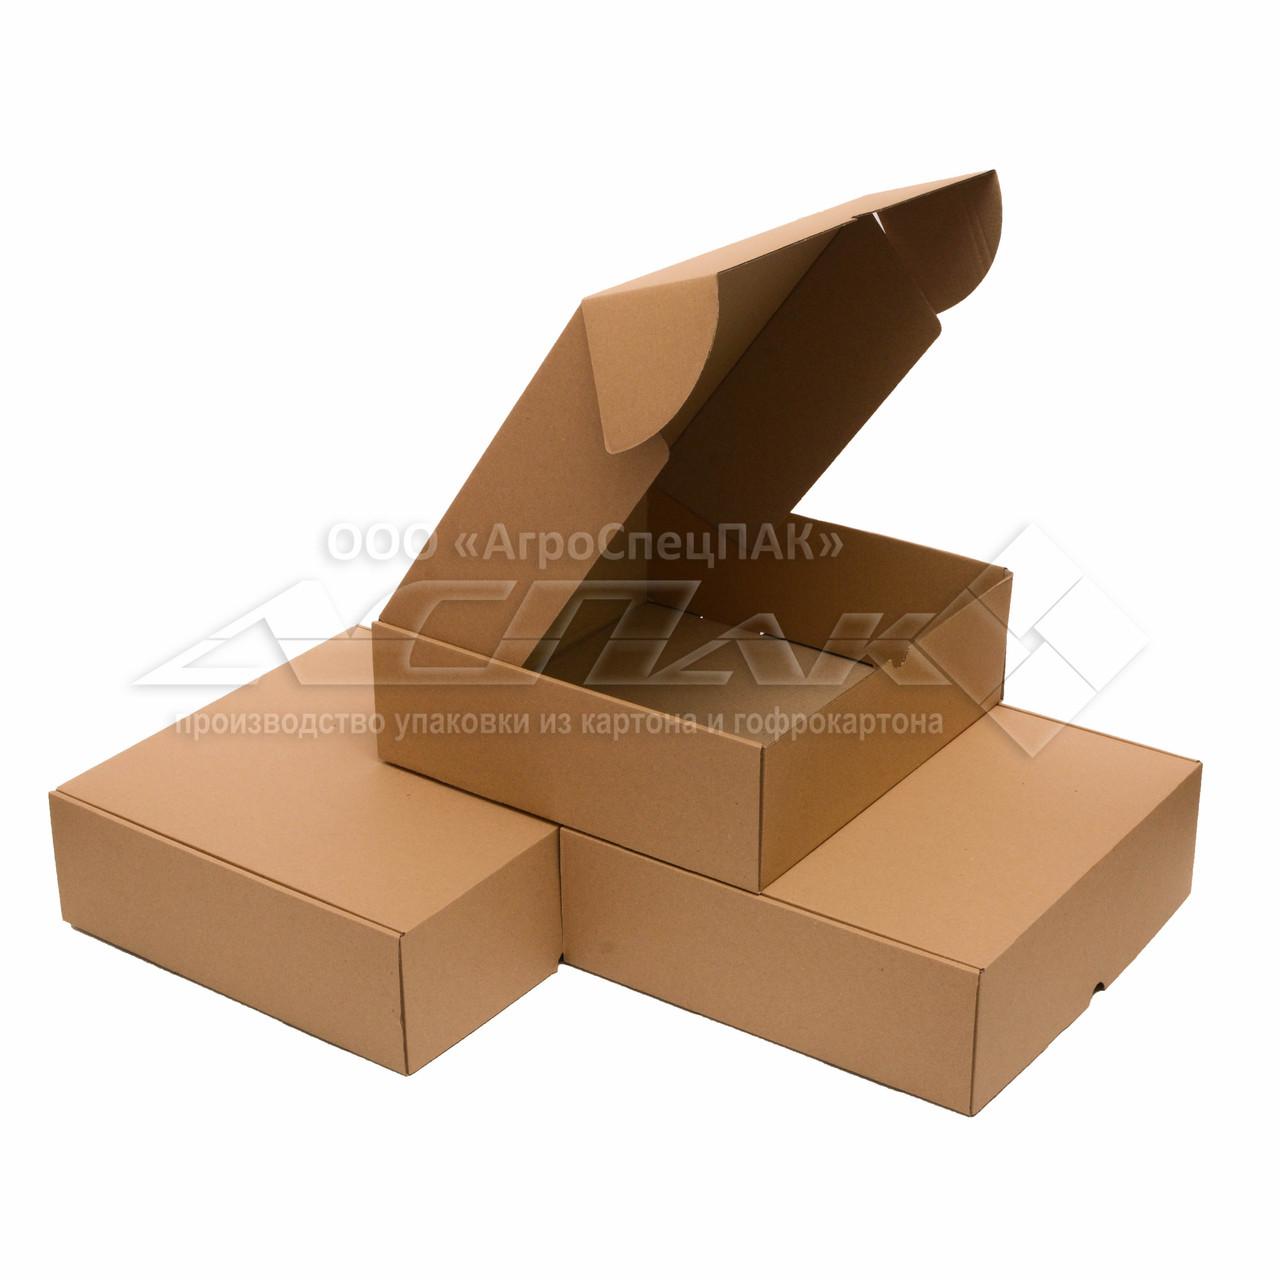 Картонные коробки 300*300*100 бурые